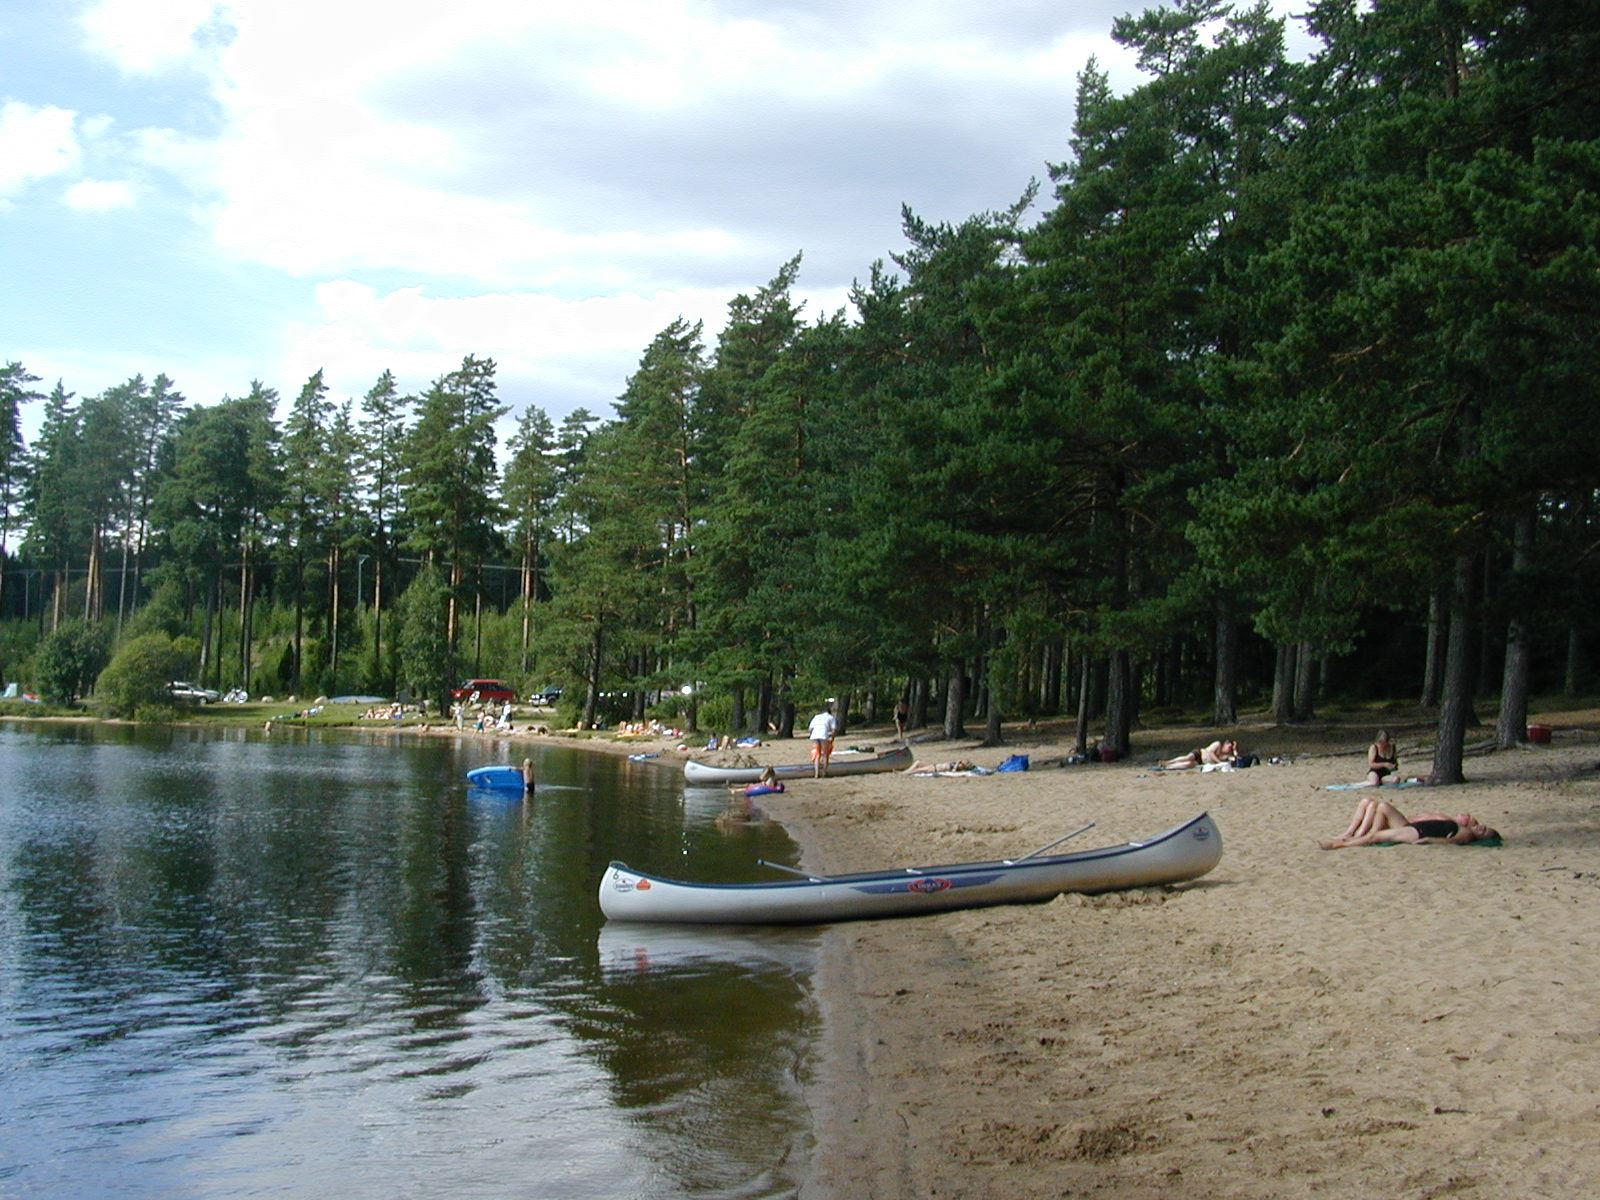 Vaggeryds kommun, Bada i Rolstorpasjön - Kanoter vid stranden